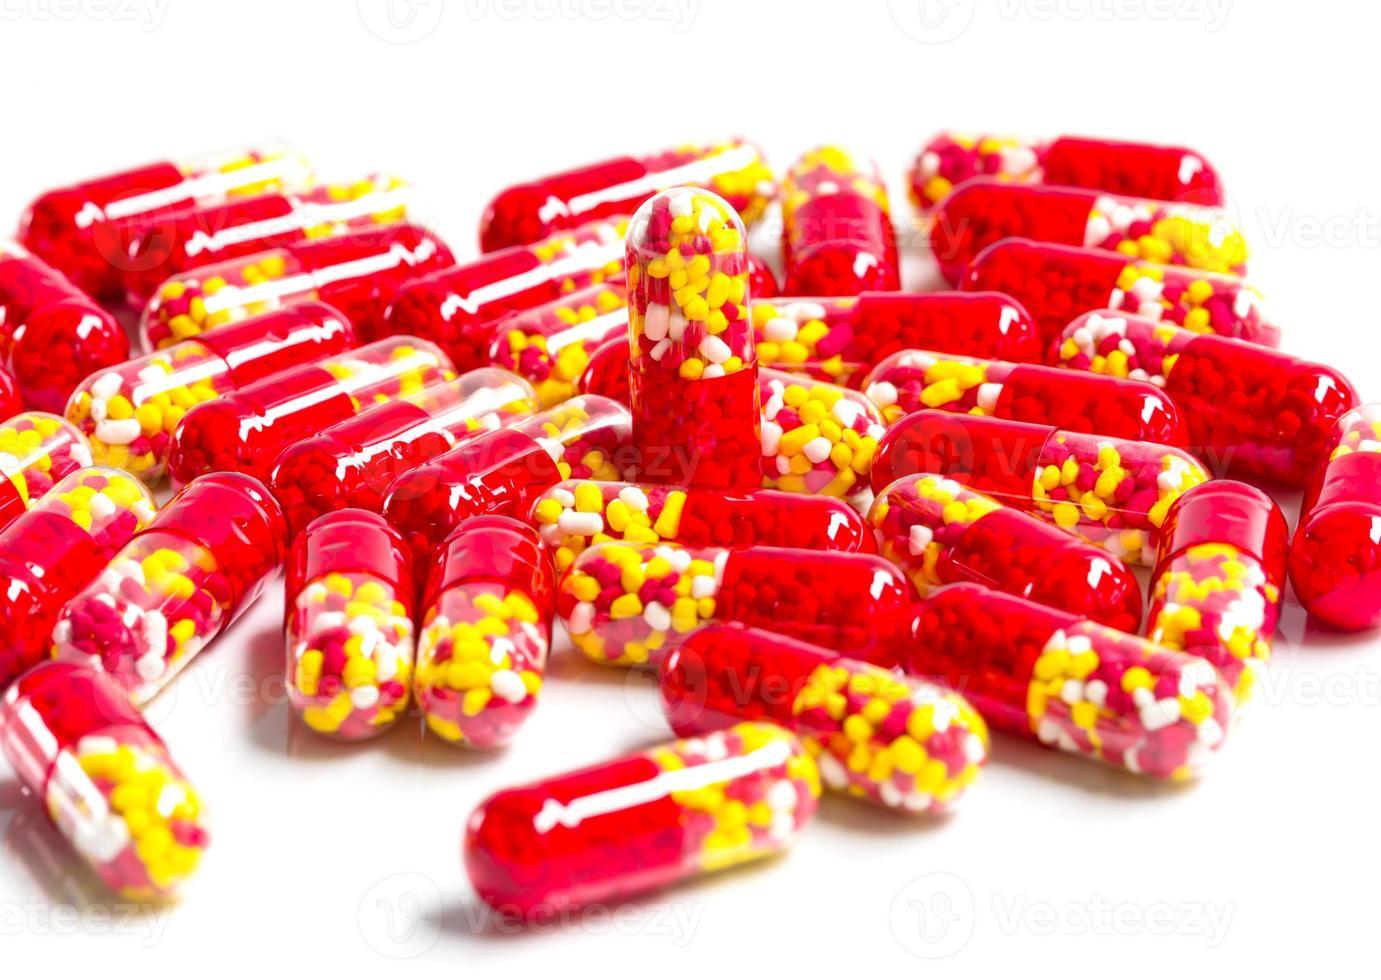 capsule de médicament. photo